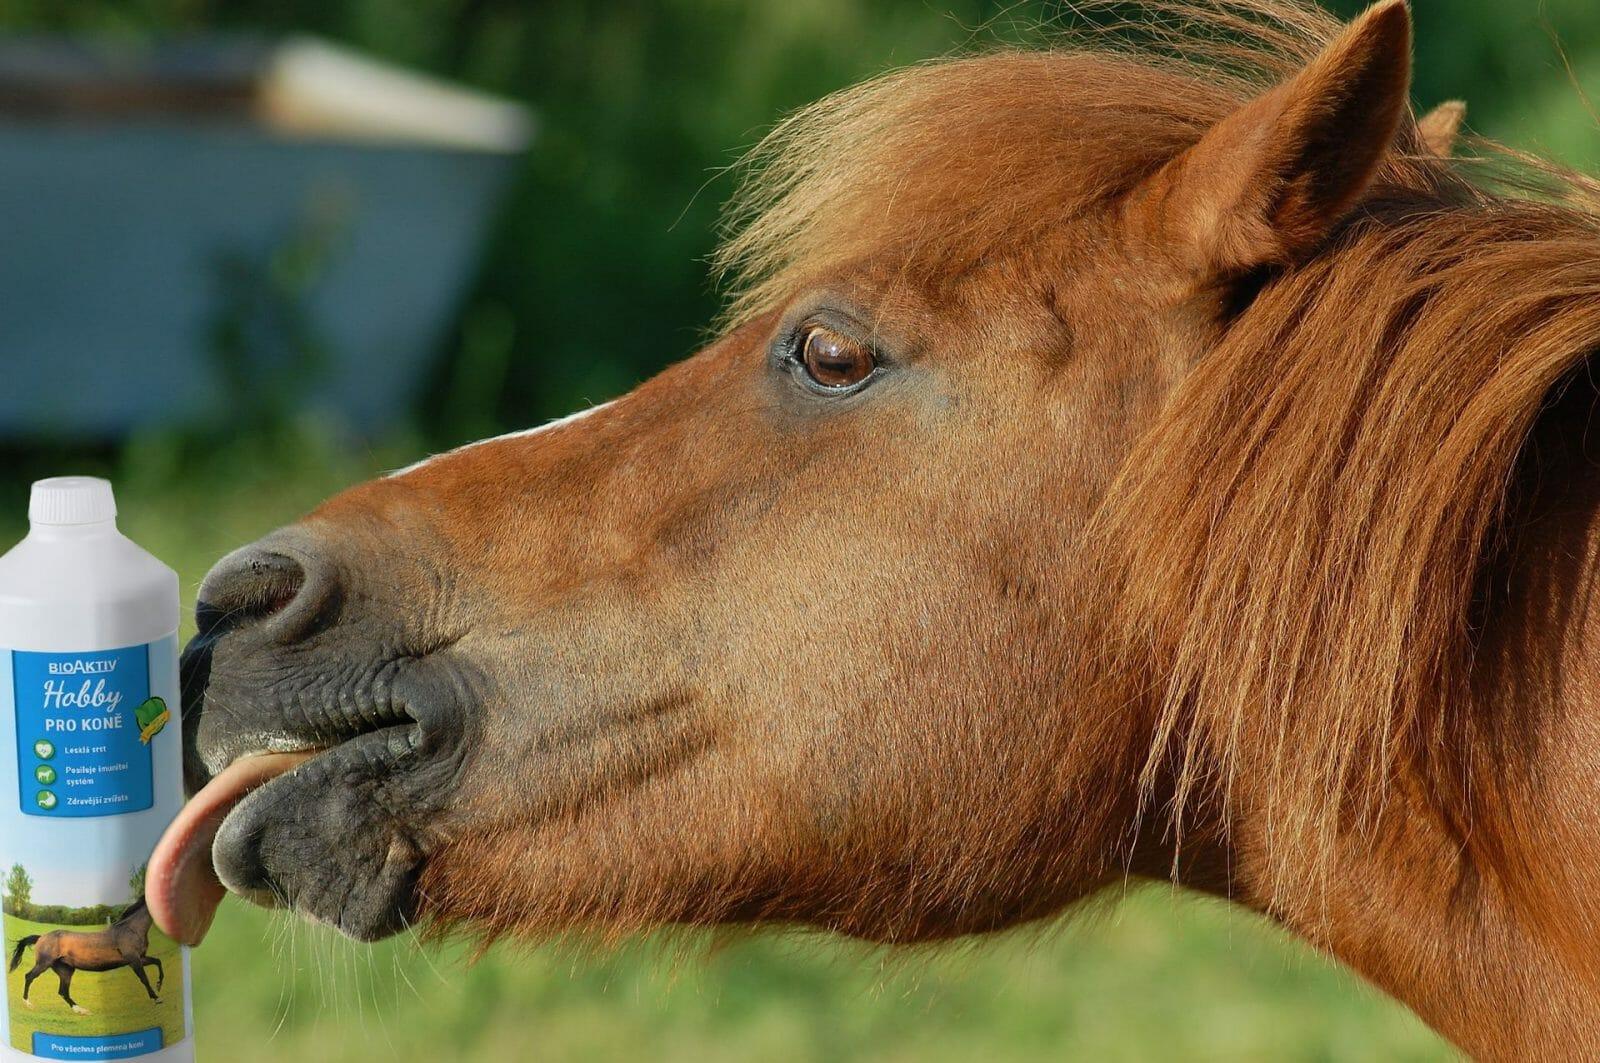 BioAktiv Hobby, produkty pro chovatele a milovníky zvířat